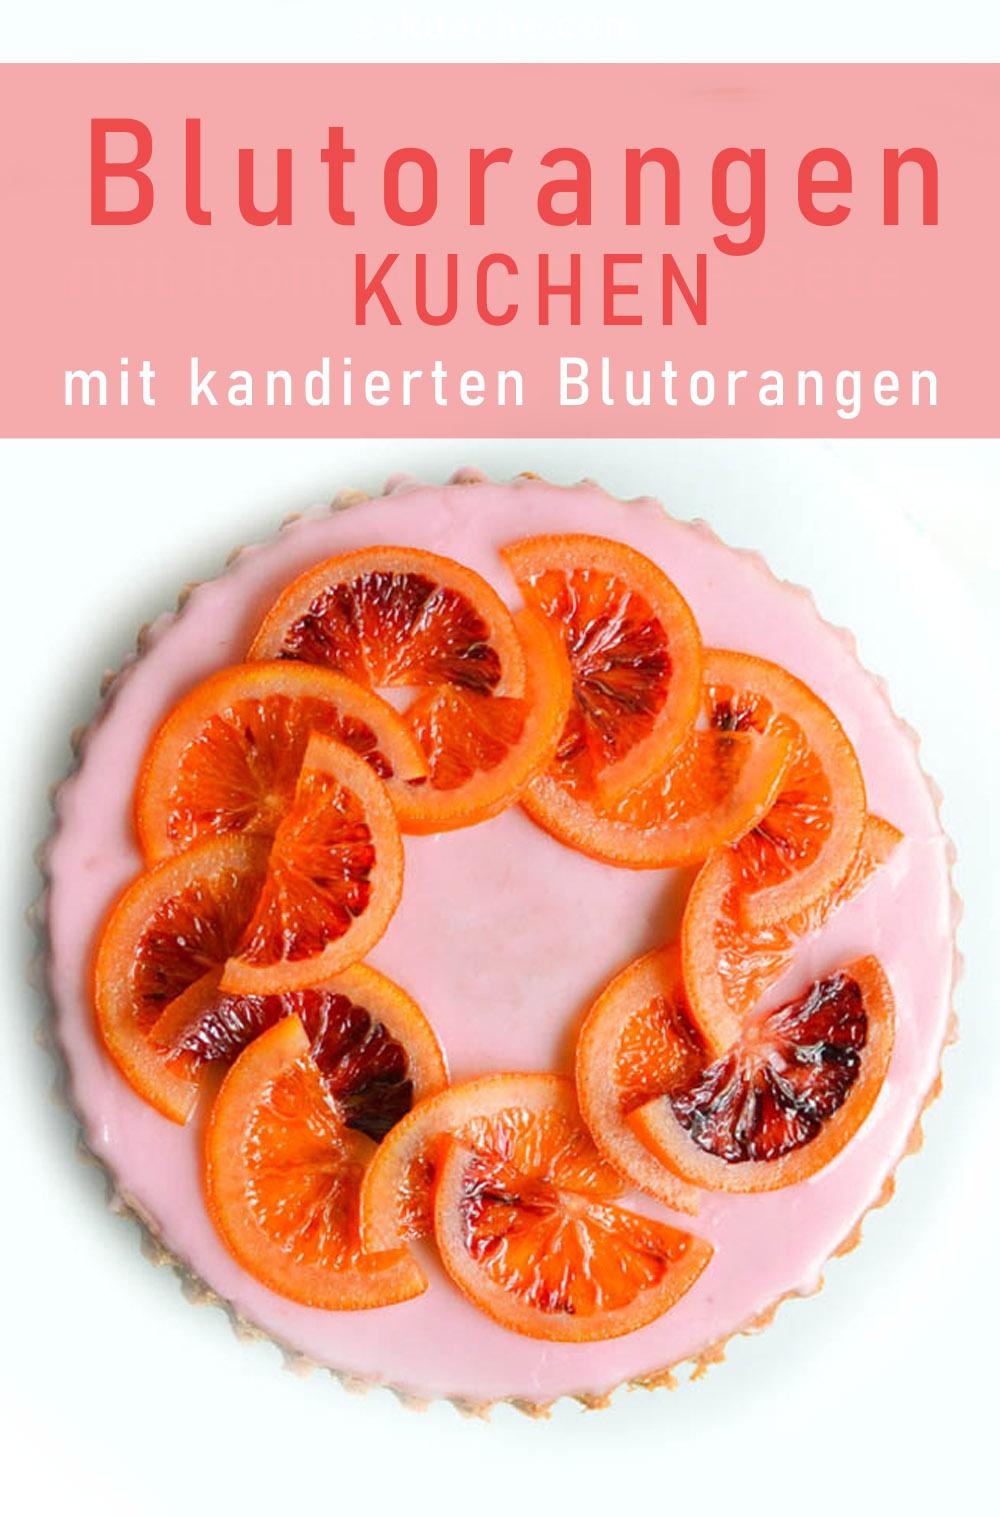 Blutorangen-Kuchen mit Blutorangensirup und kandierten Blutorangen - saftig und wunderschön